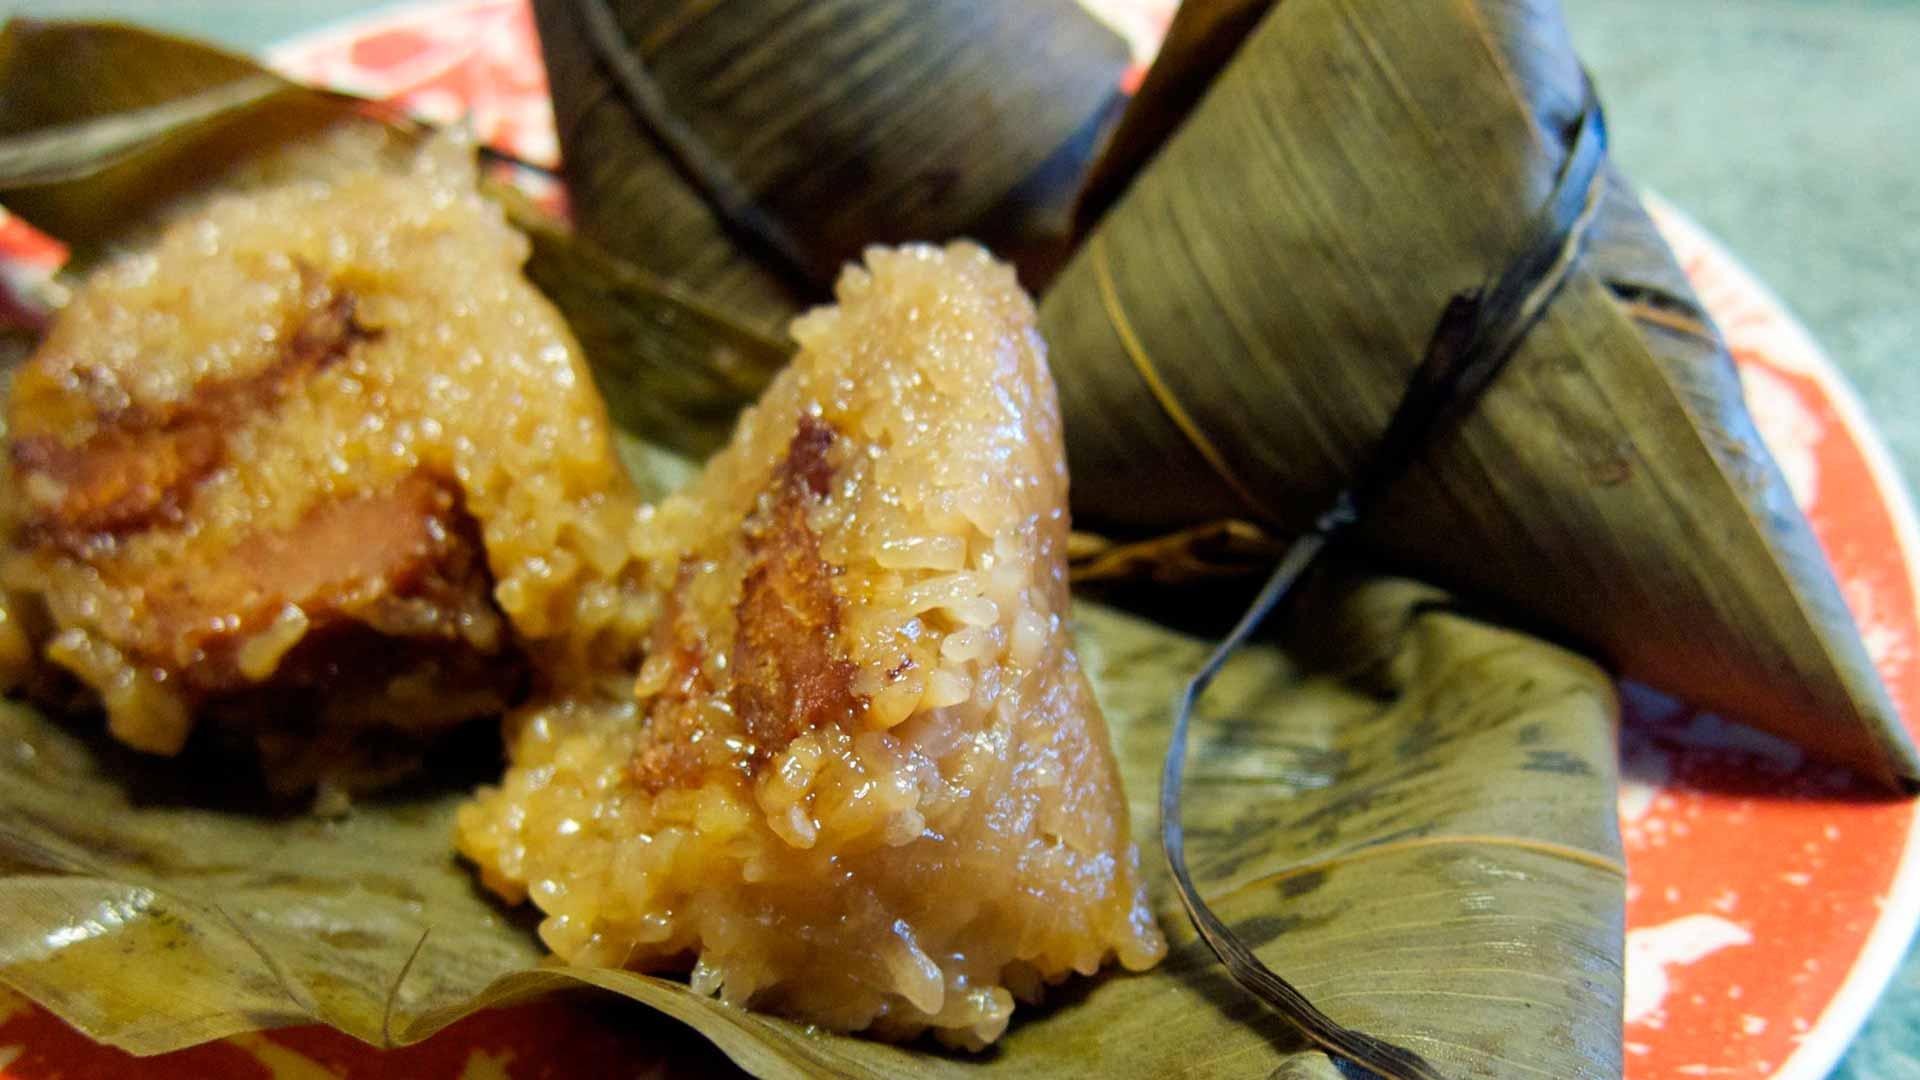 zongzi  es un popular triángulo de arroz glutinoso relleno de carne o judías dulces y enrollado con hojas de bambú